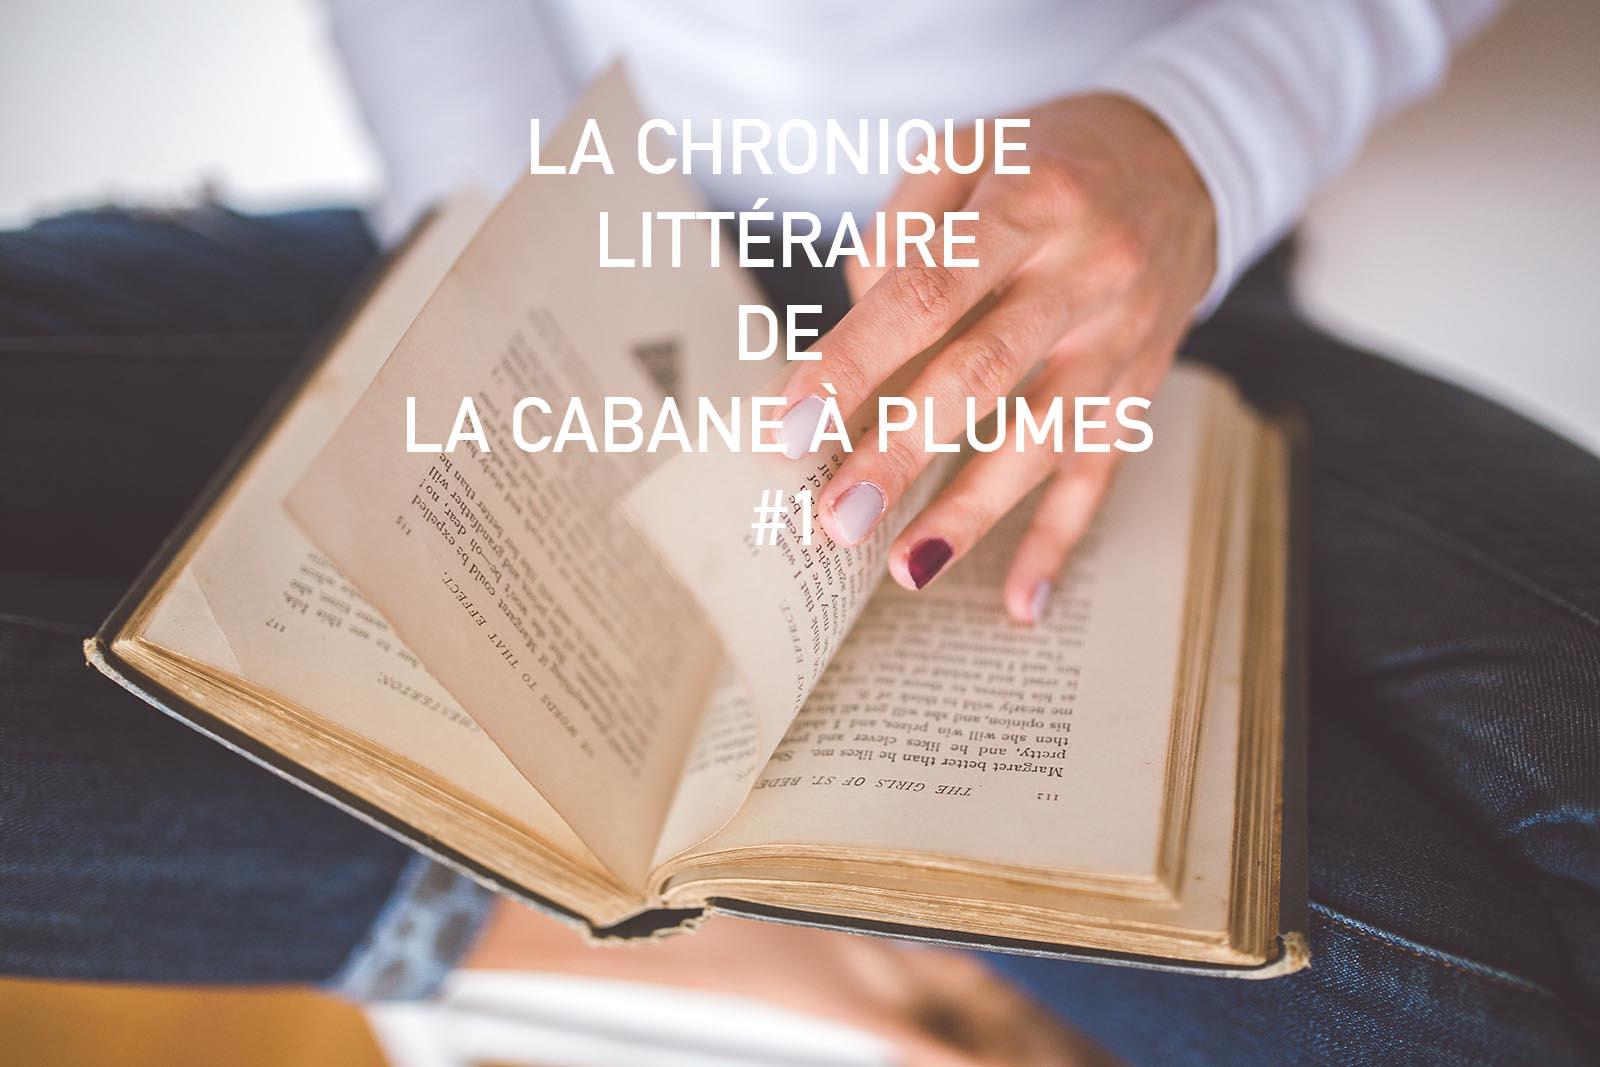 Chronique littéraire #1